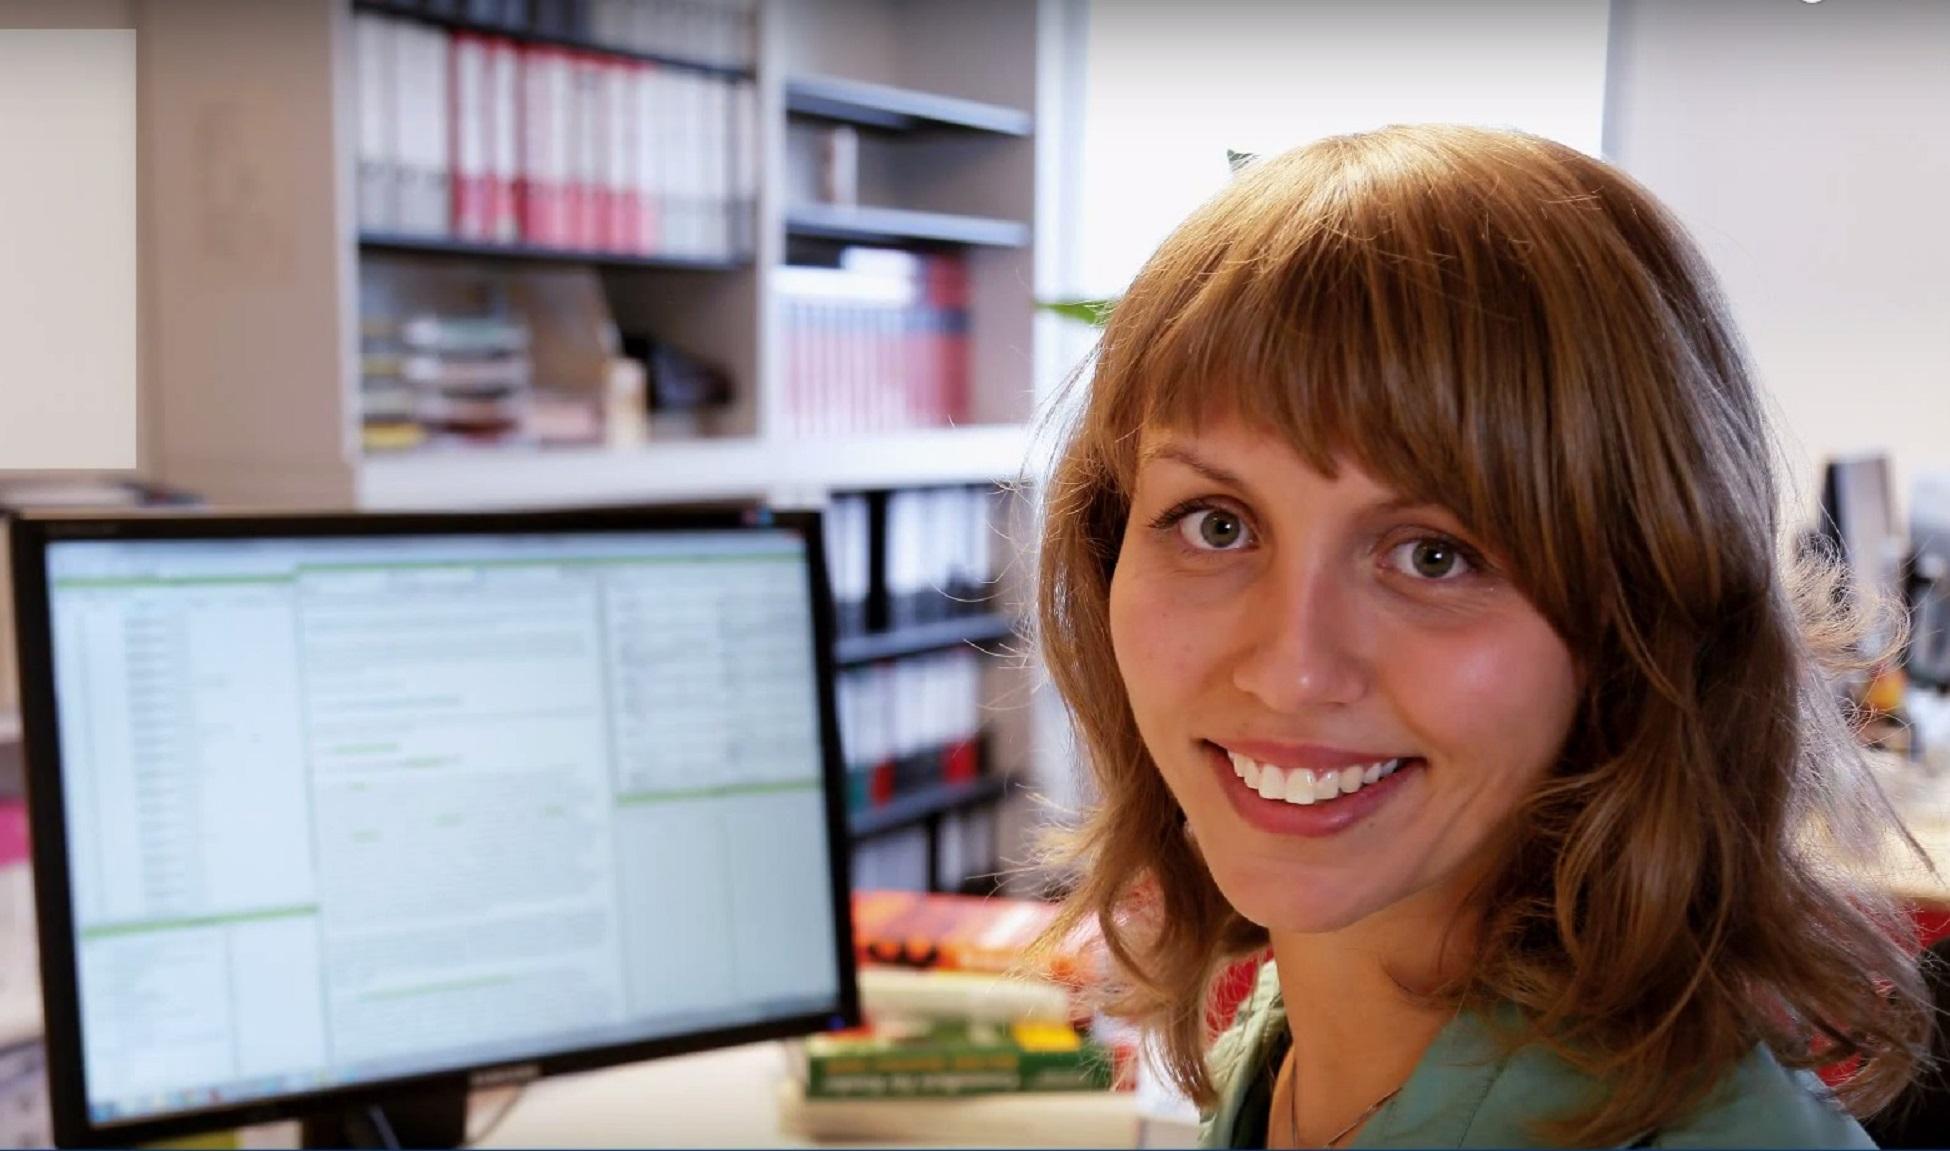 Nahaufnahme einer lächelnden Frau, die die Software Index-Manager verwendet